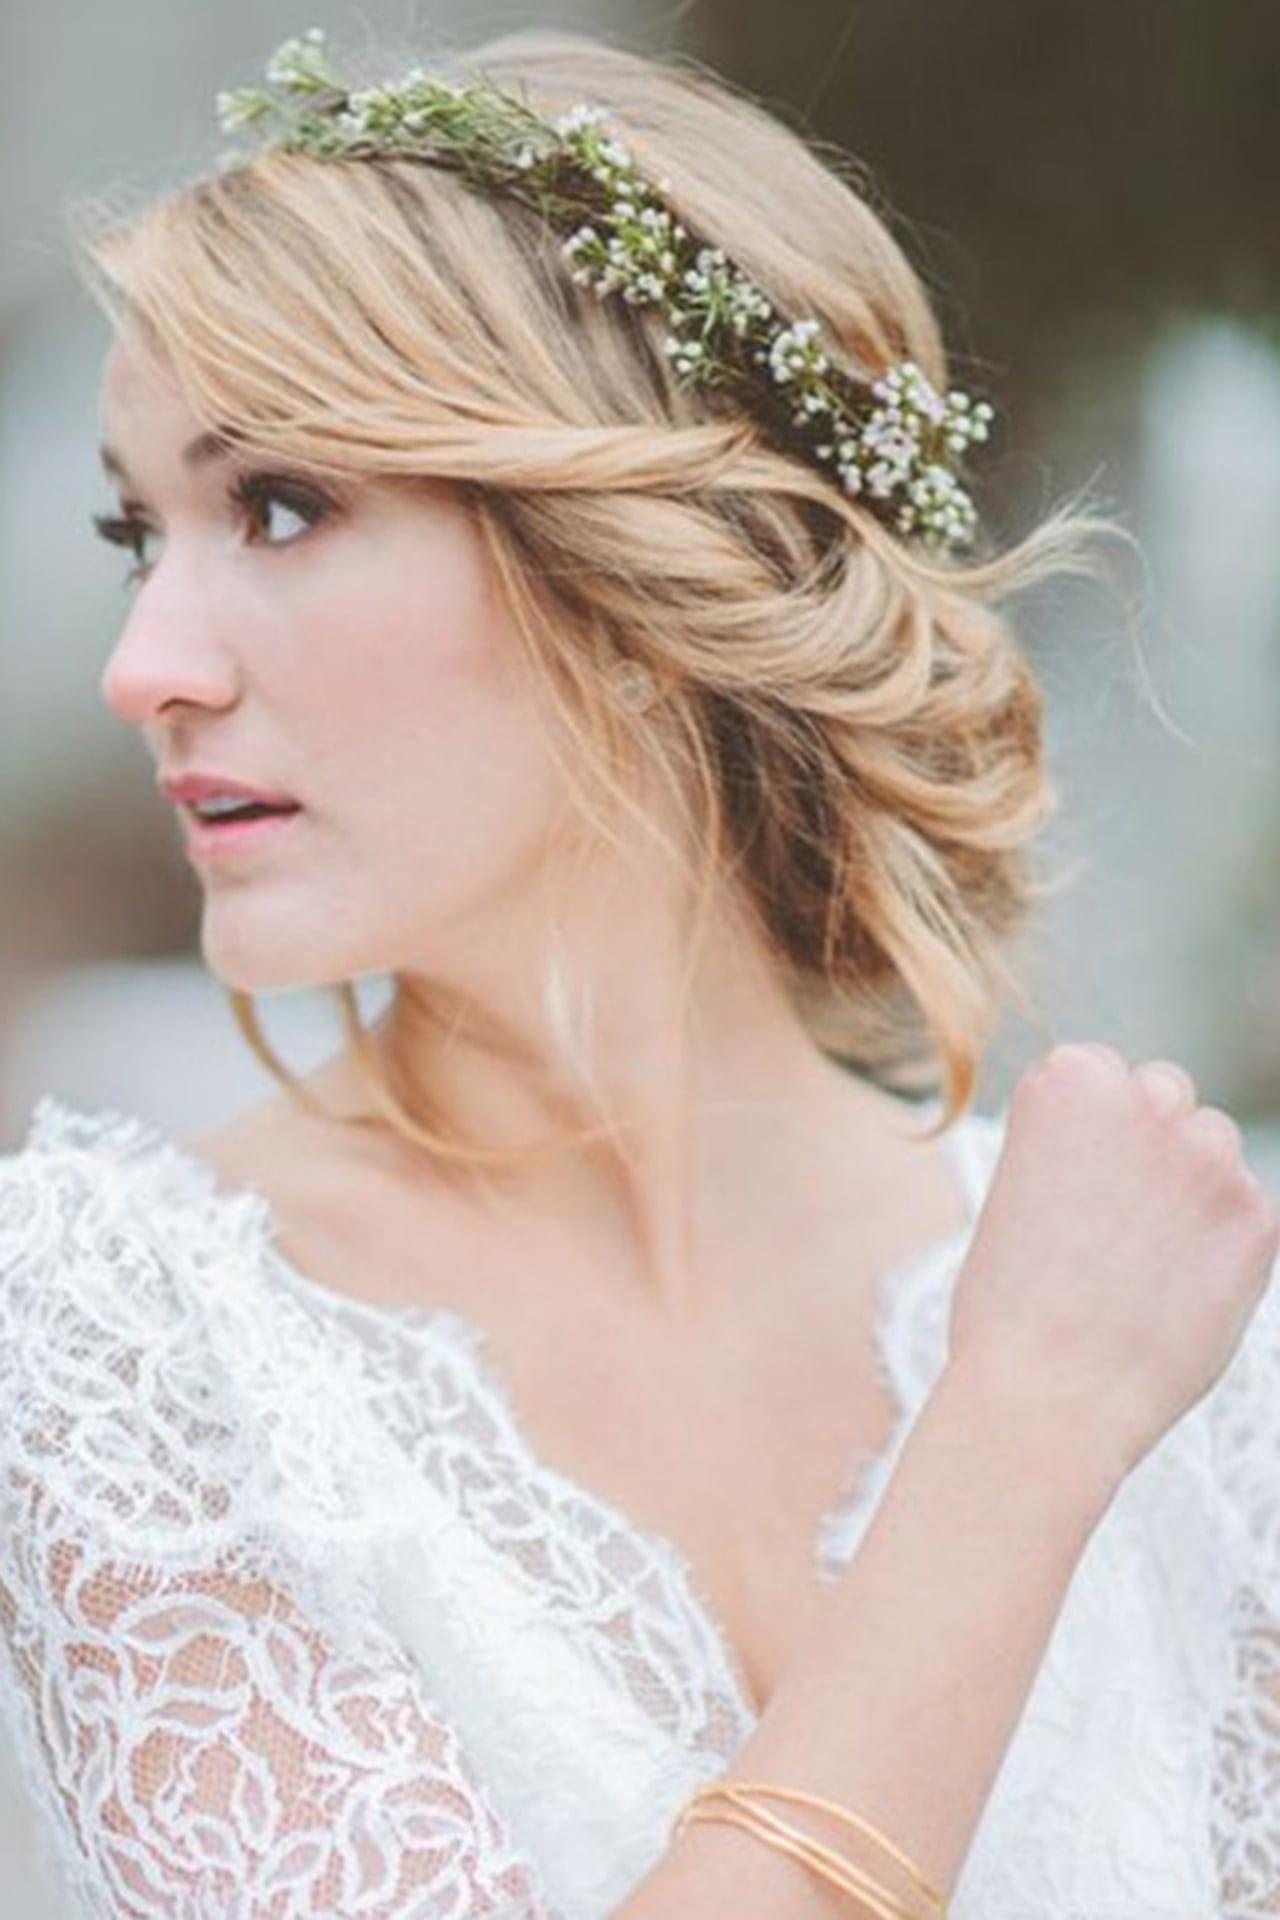 Tiara De Flores Confira 15 Modelos Para Noivas